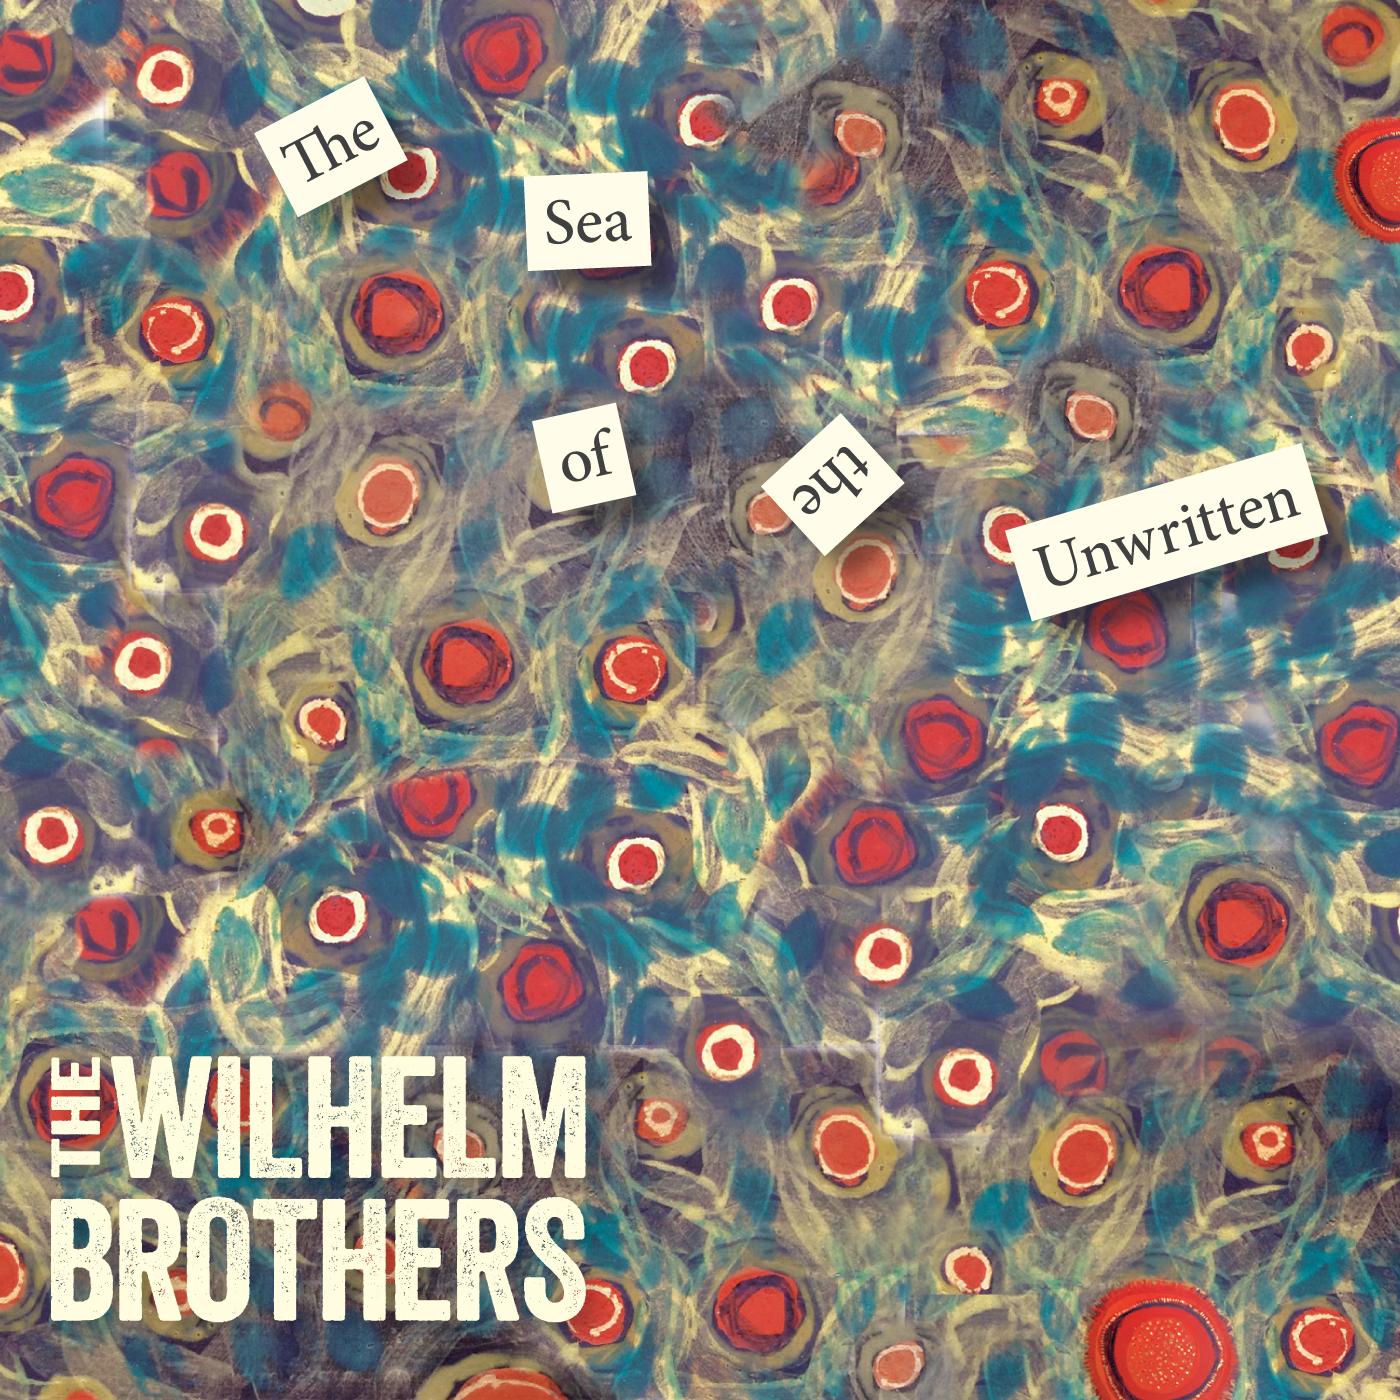 WilhelmBrothersSeaOfTheUnwritten.jpg